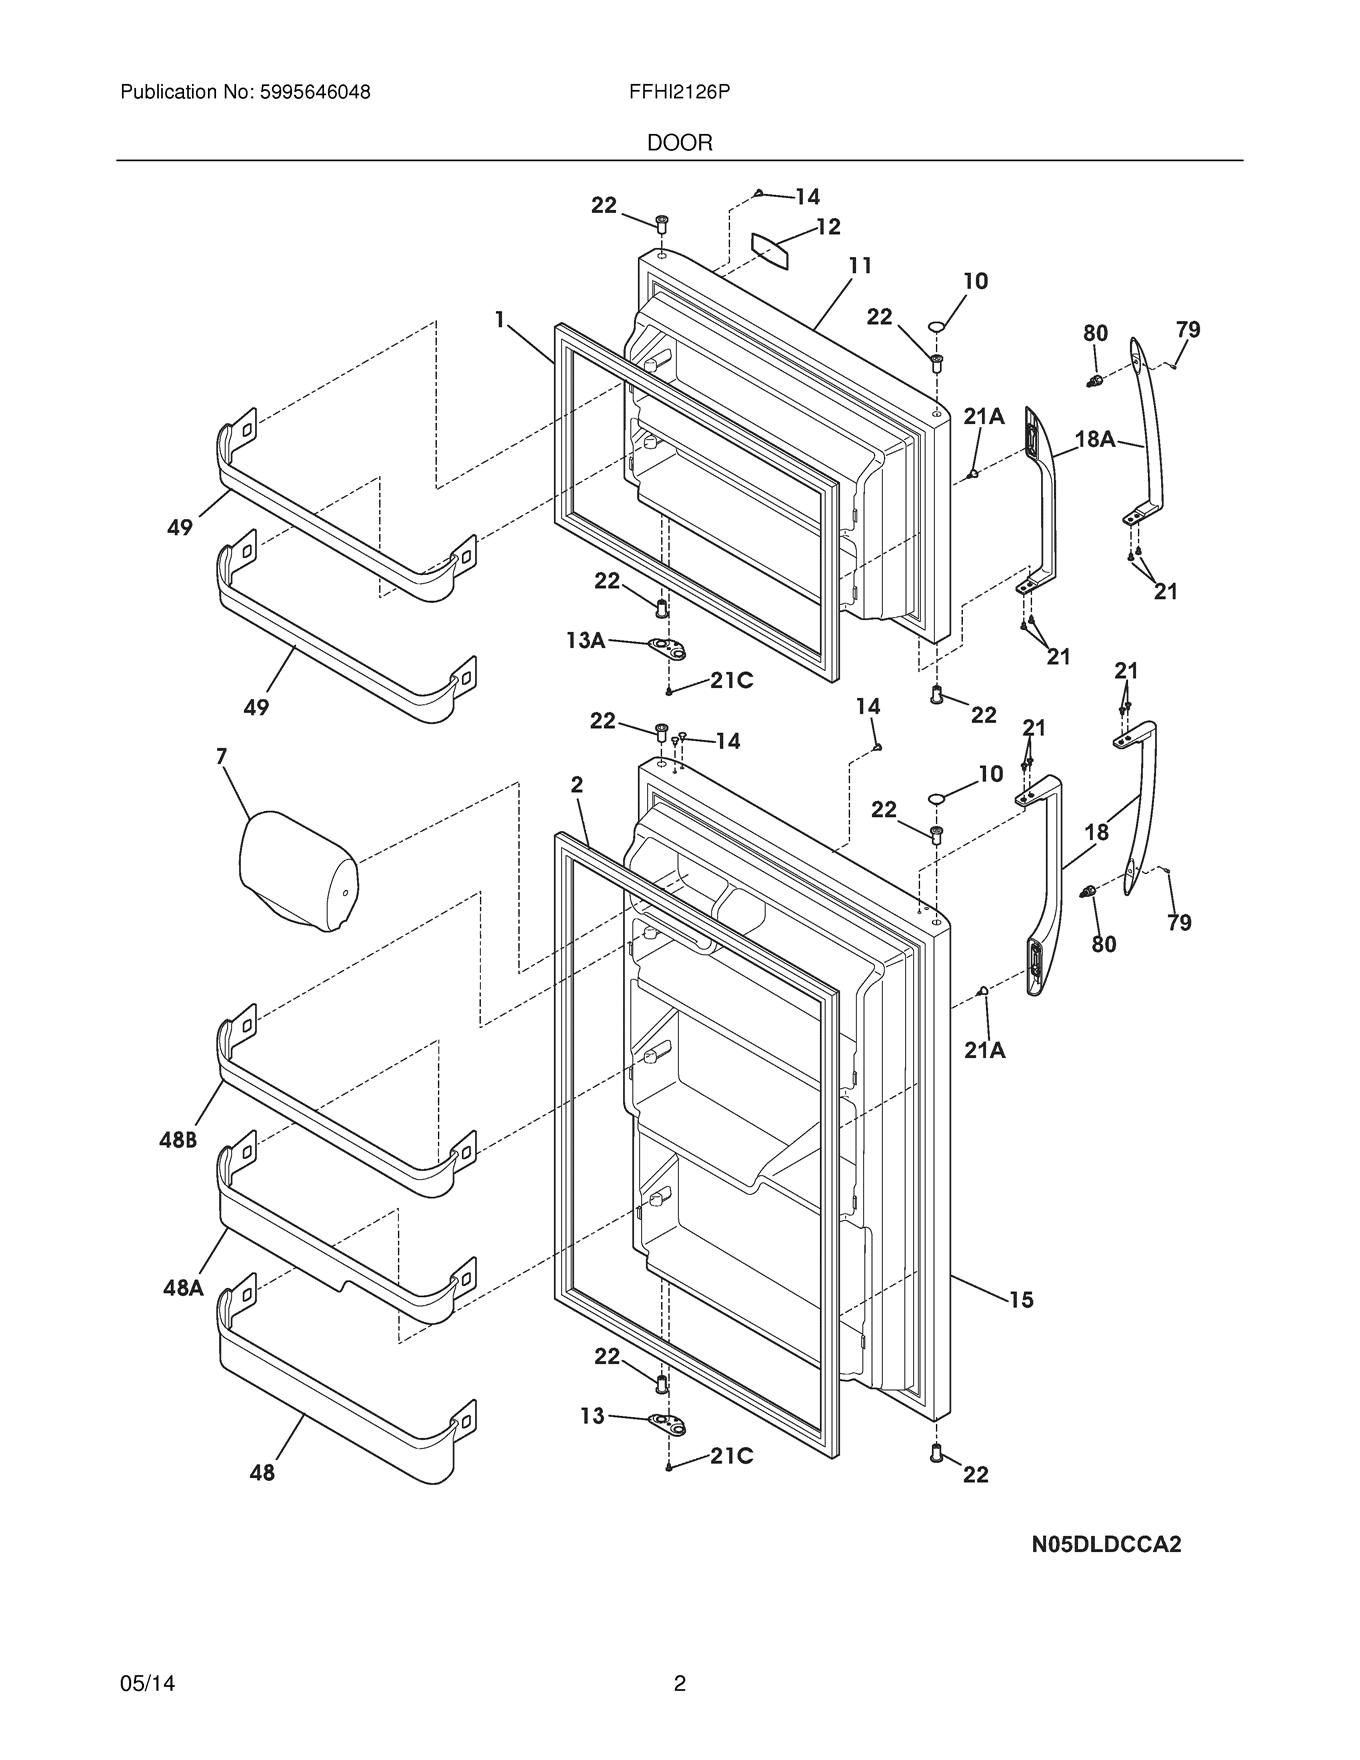 Frigidaire Ffhi Ps4 Refrigerator Door Shelf Retainer